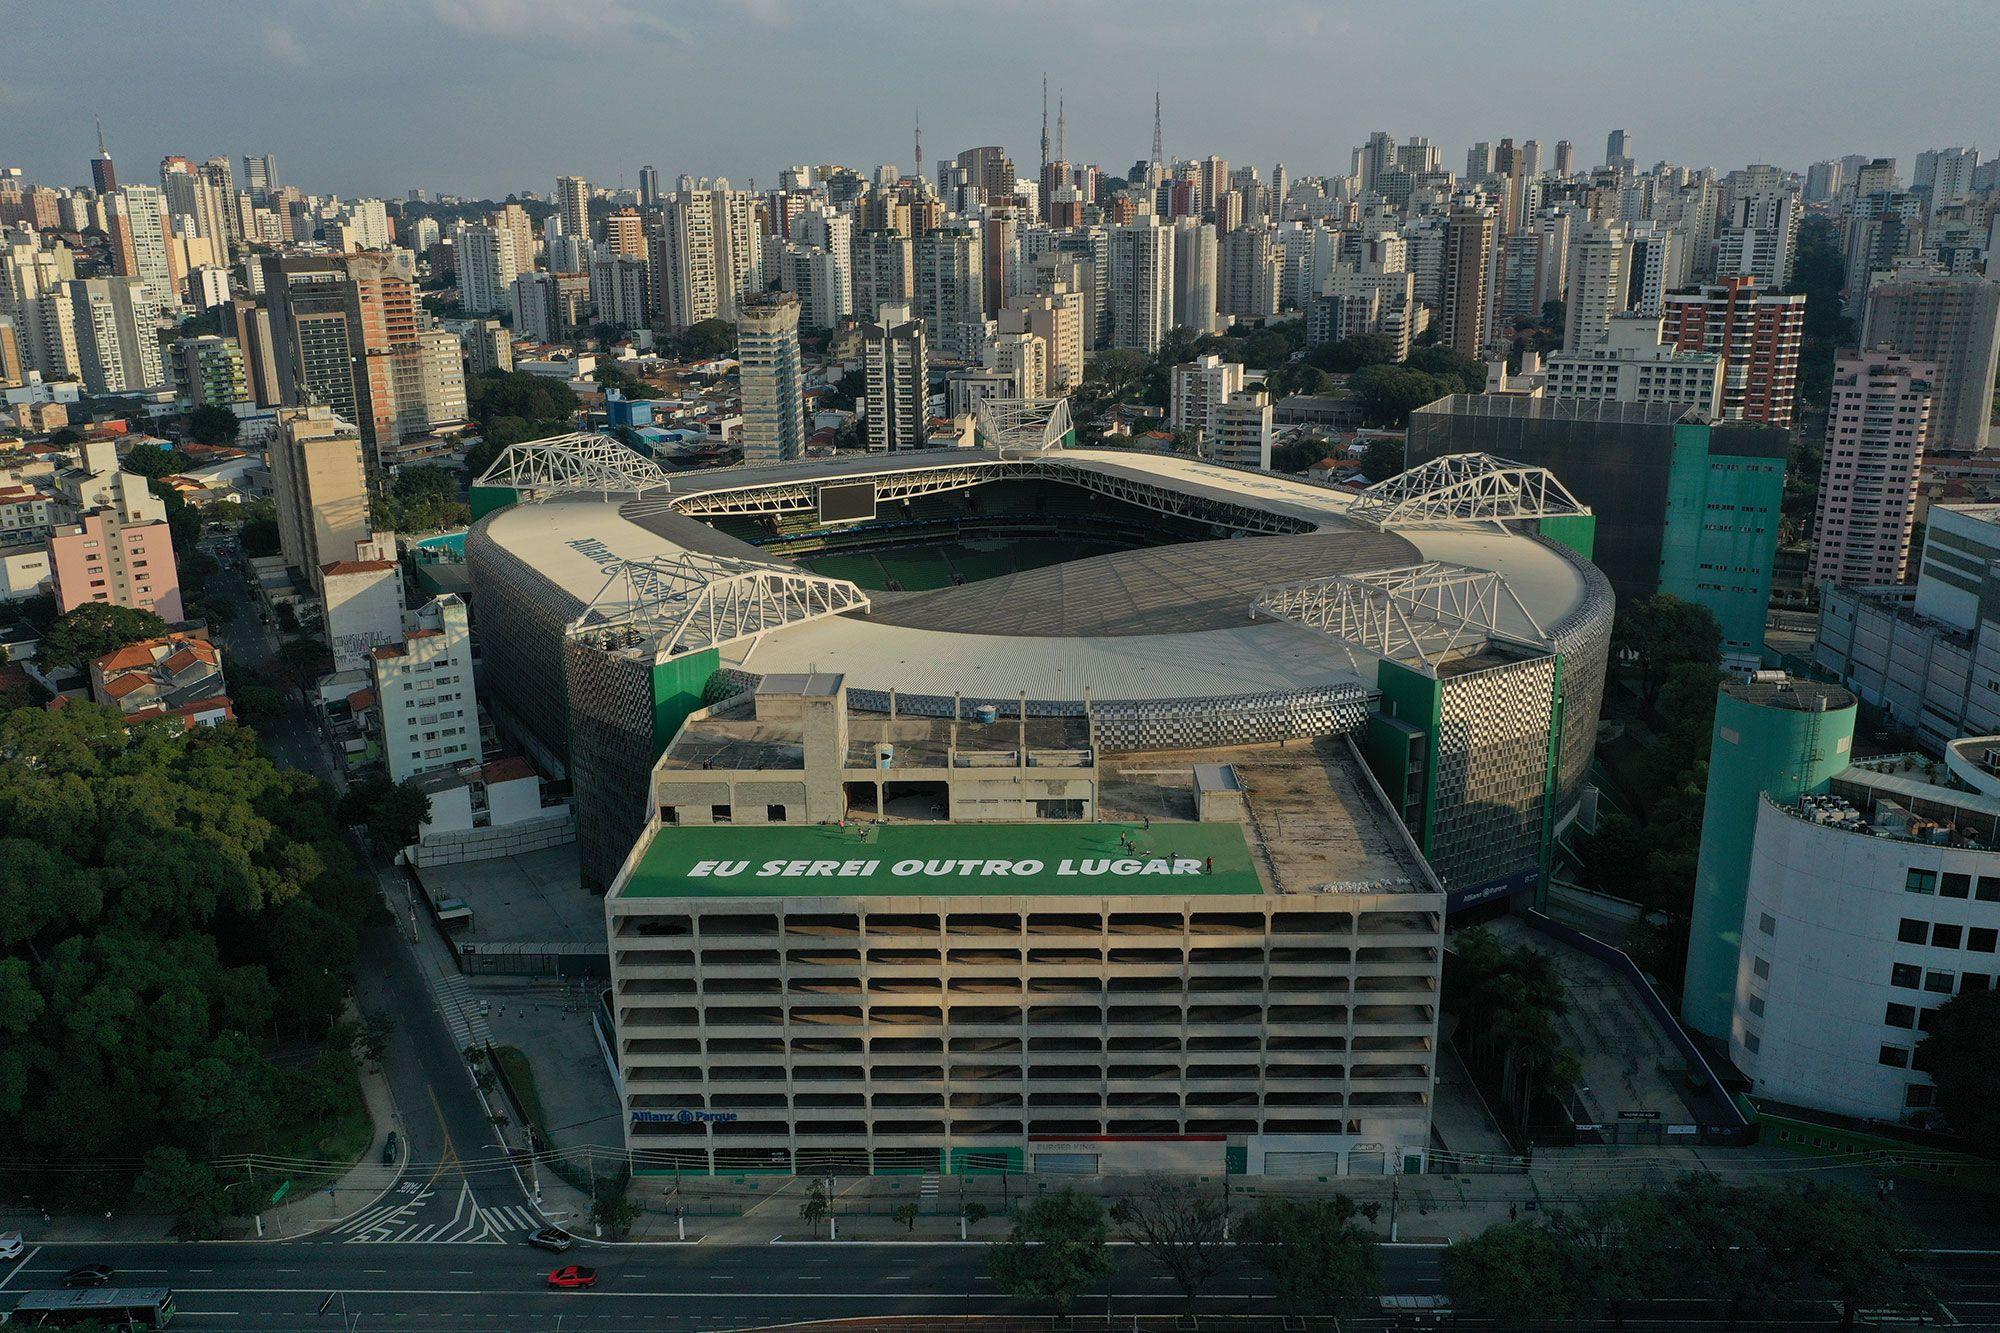 A edição 2021 da CASACOR São Paulo será no Parque Mirante, no anexo Arena Allianz Parque. No rooftop, a instalação